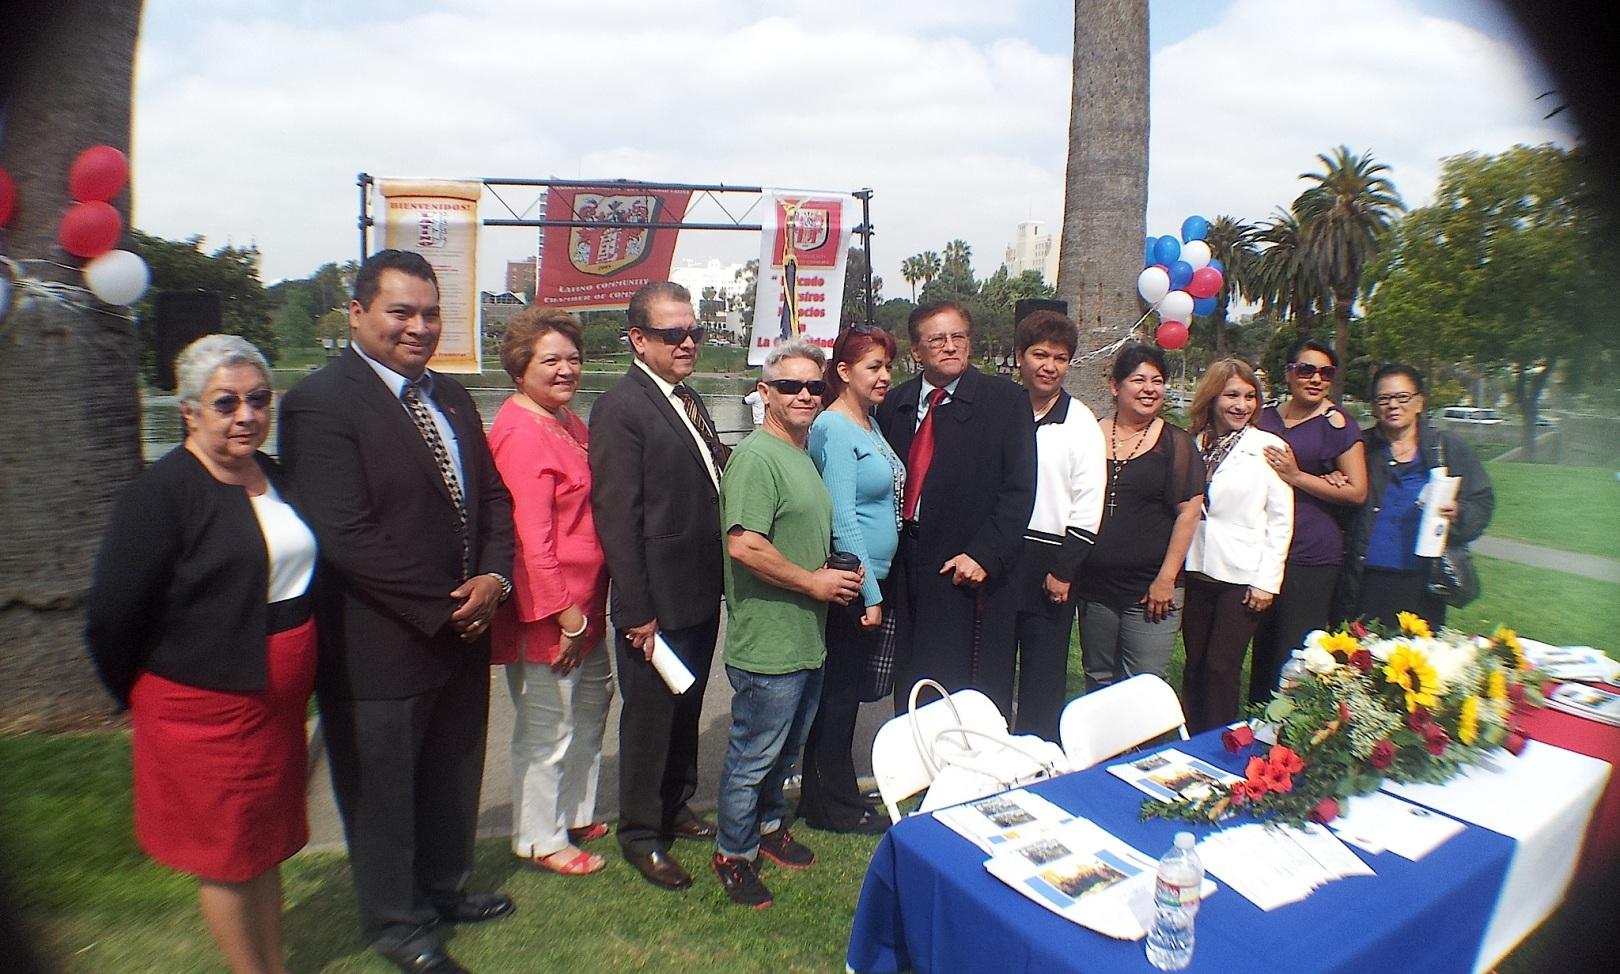 Activistas comunitarios latinos piden a sus compatriotas apoyo para representarlos en los Concilios Vecinales. Fotografía: La Voz